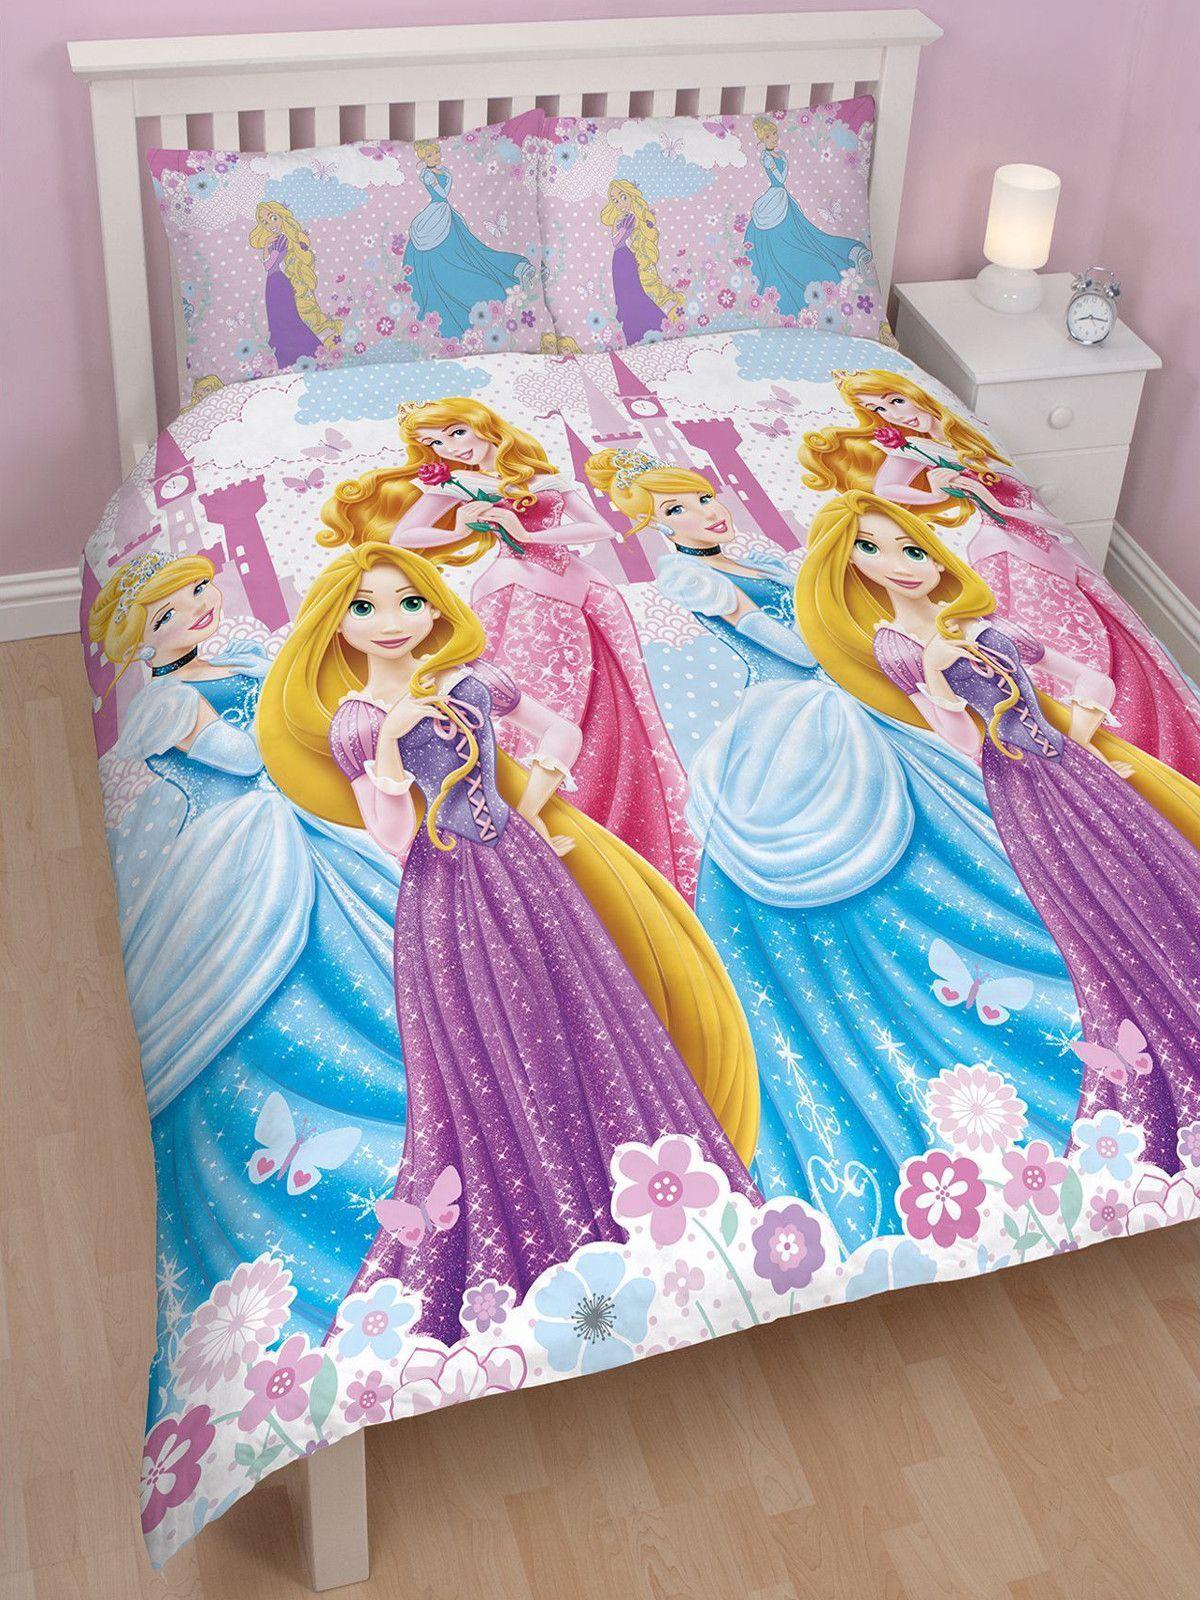 Disney Princess Dreams Double Duvet Cover Set Duvet Sets Girly Bedroom Kids Toddler Bed